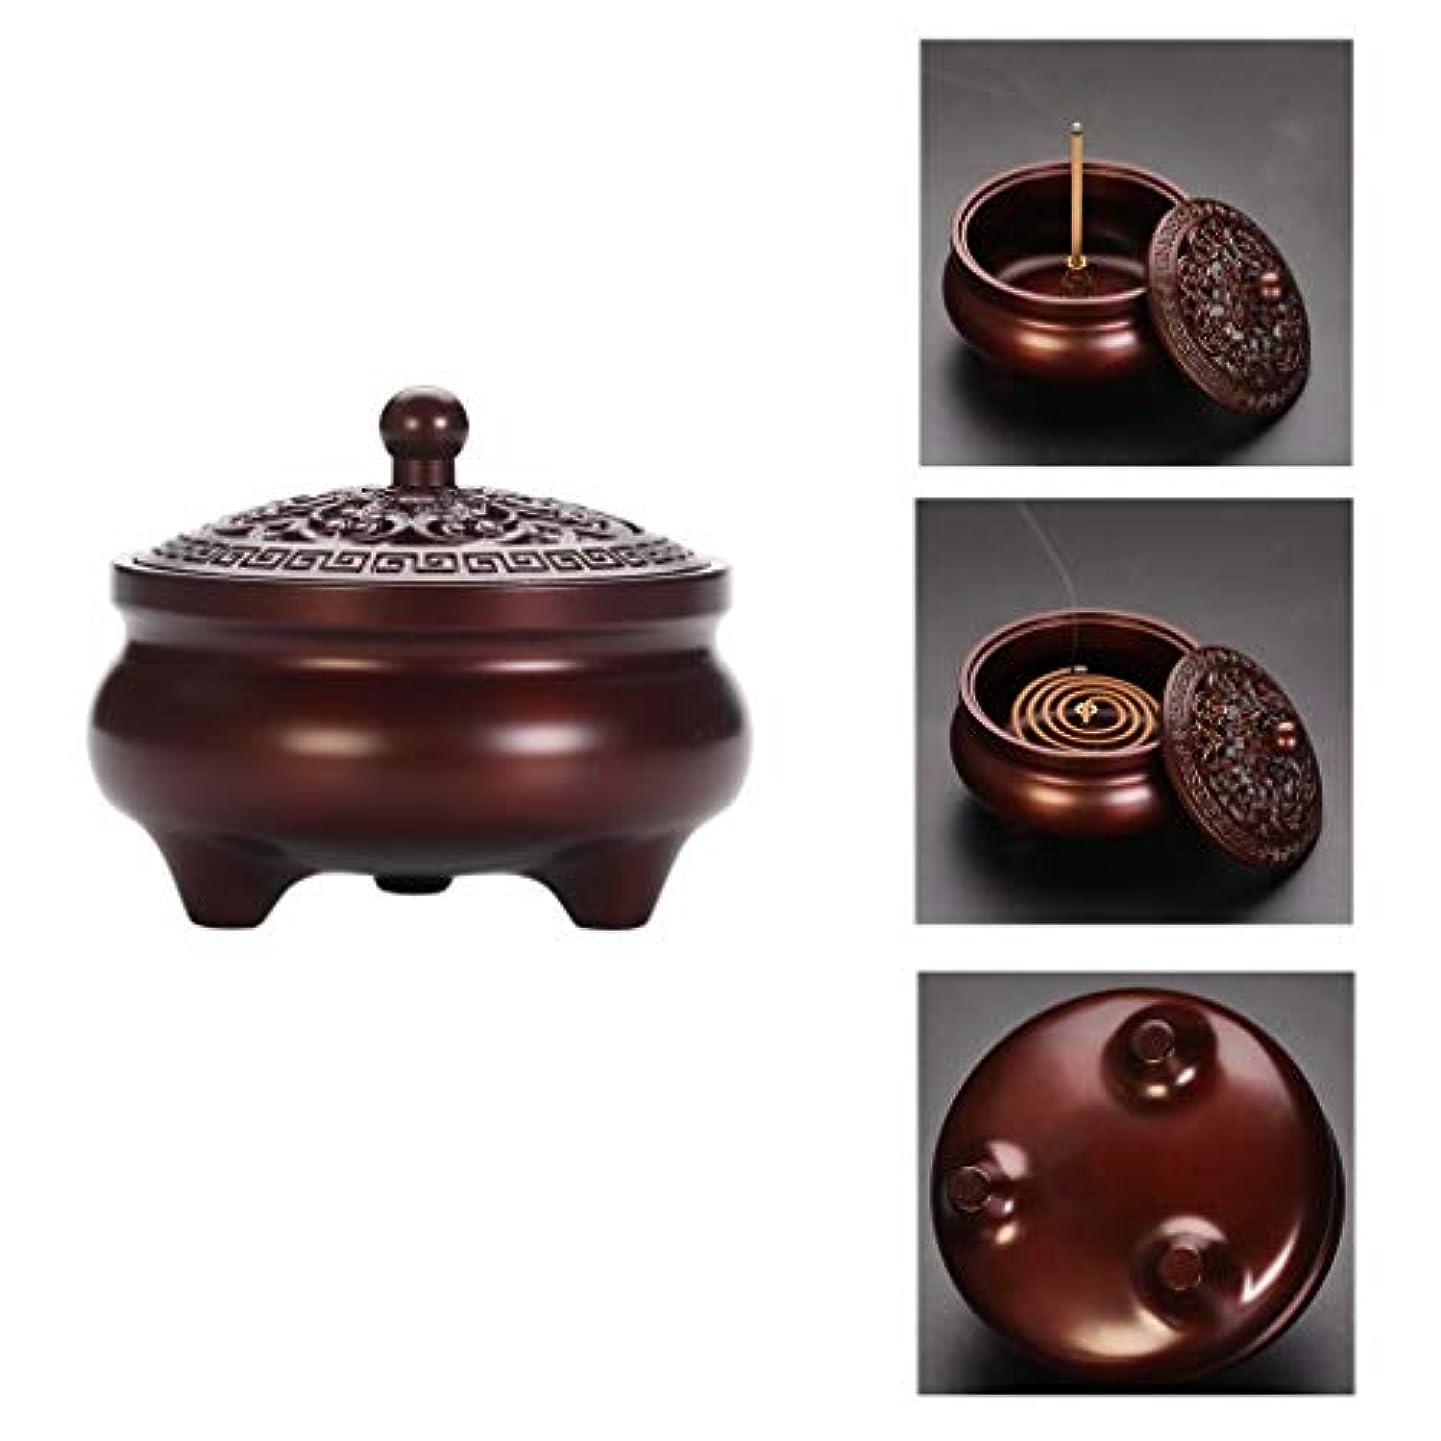 表現取り付けキラウエア山ホームアロマバーナー 純銅製メカニズム香炉シンプルでエレガントな香炉内三脚アロマセラピー炉 アロマバーナー (Color : Purple Lotus)